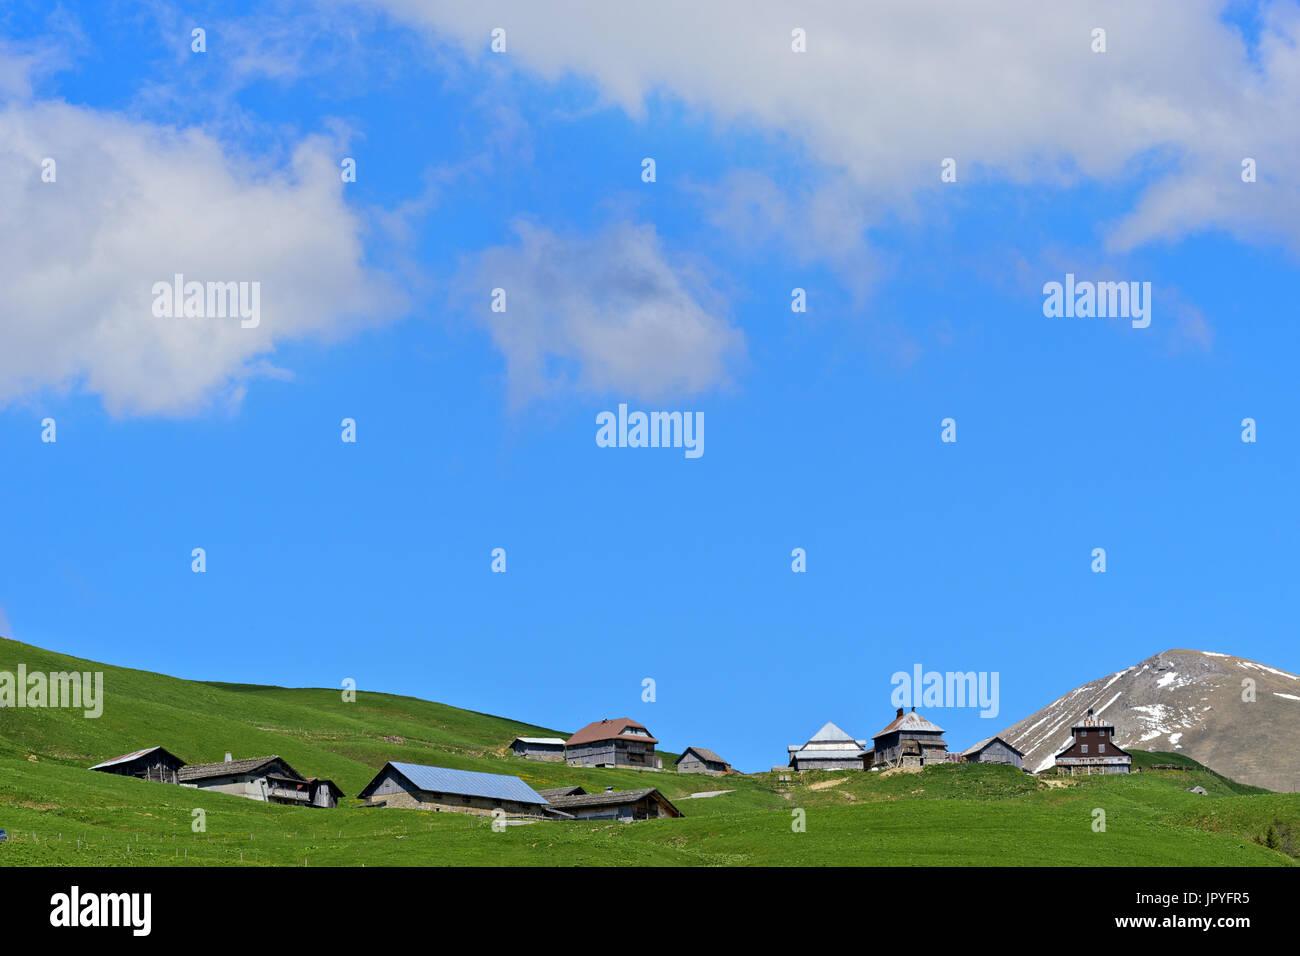 Fermes Hight au Col des Annes - Massif des Aravis France Banque D'Images